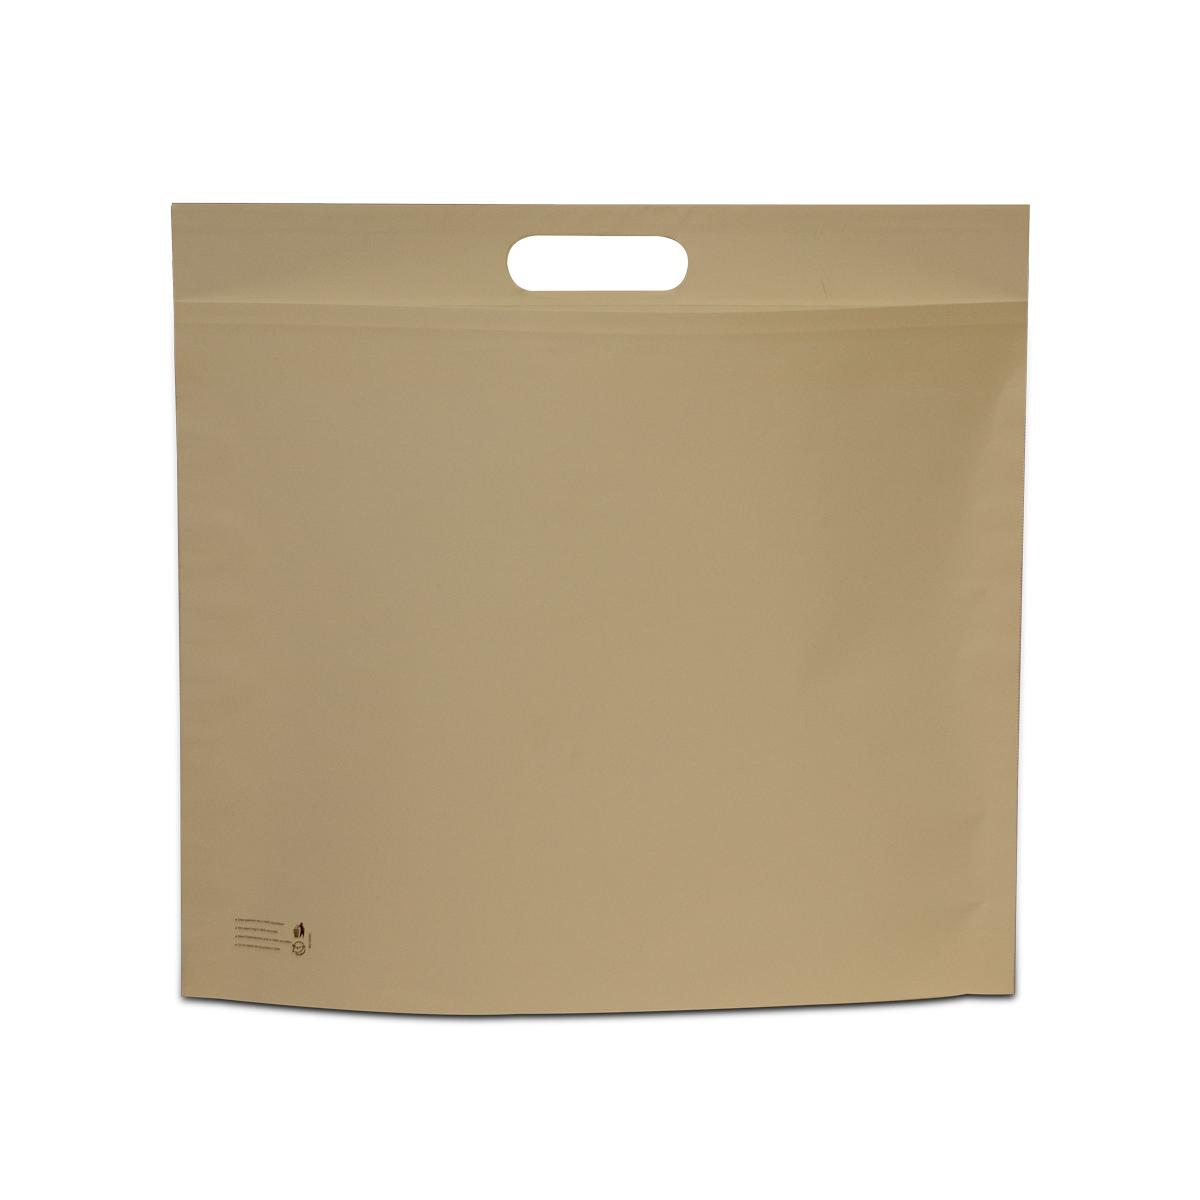 Papieren verzendtassen met handgreep